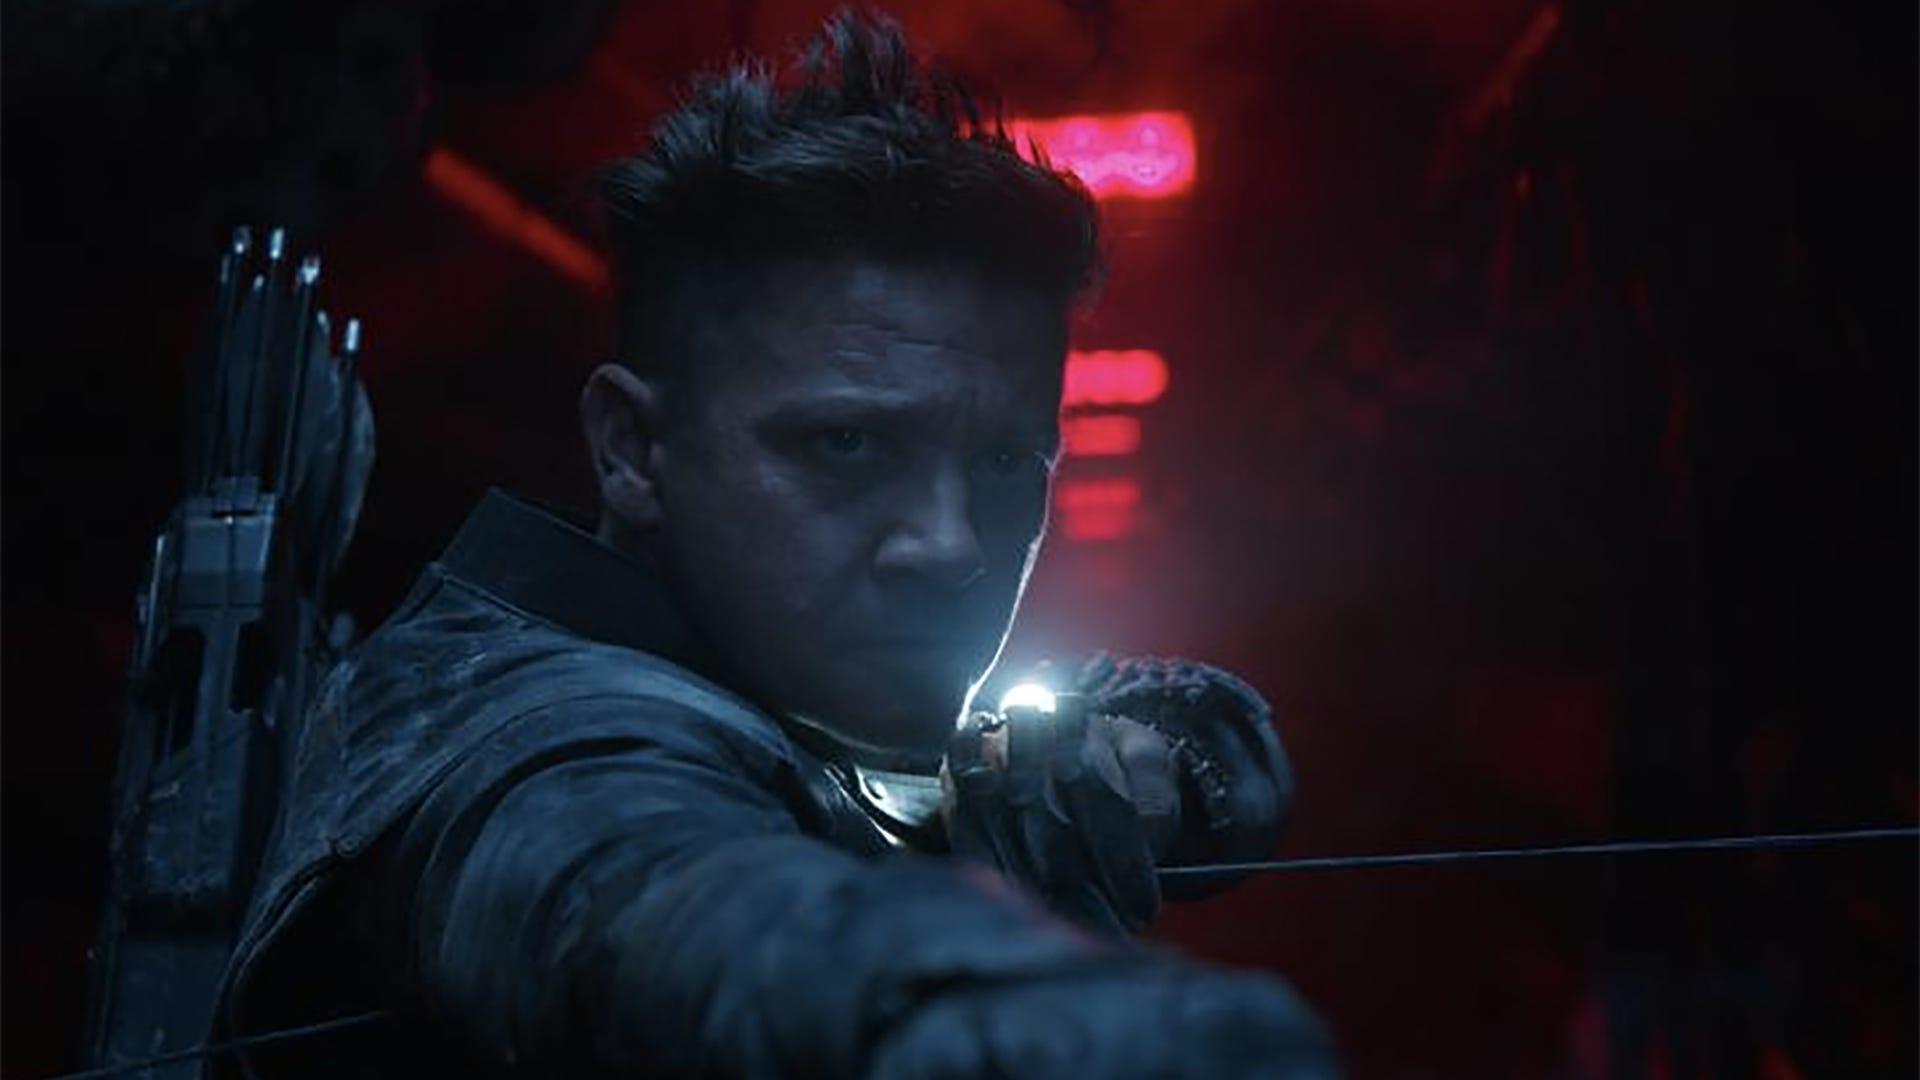 Jeremy Renner, Avengers: Endgame